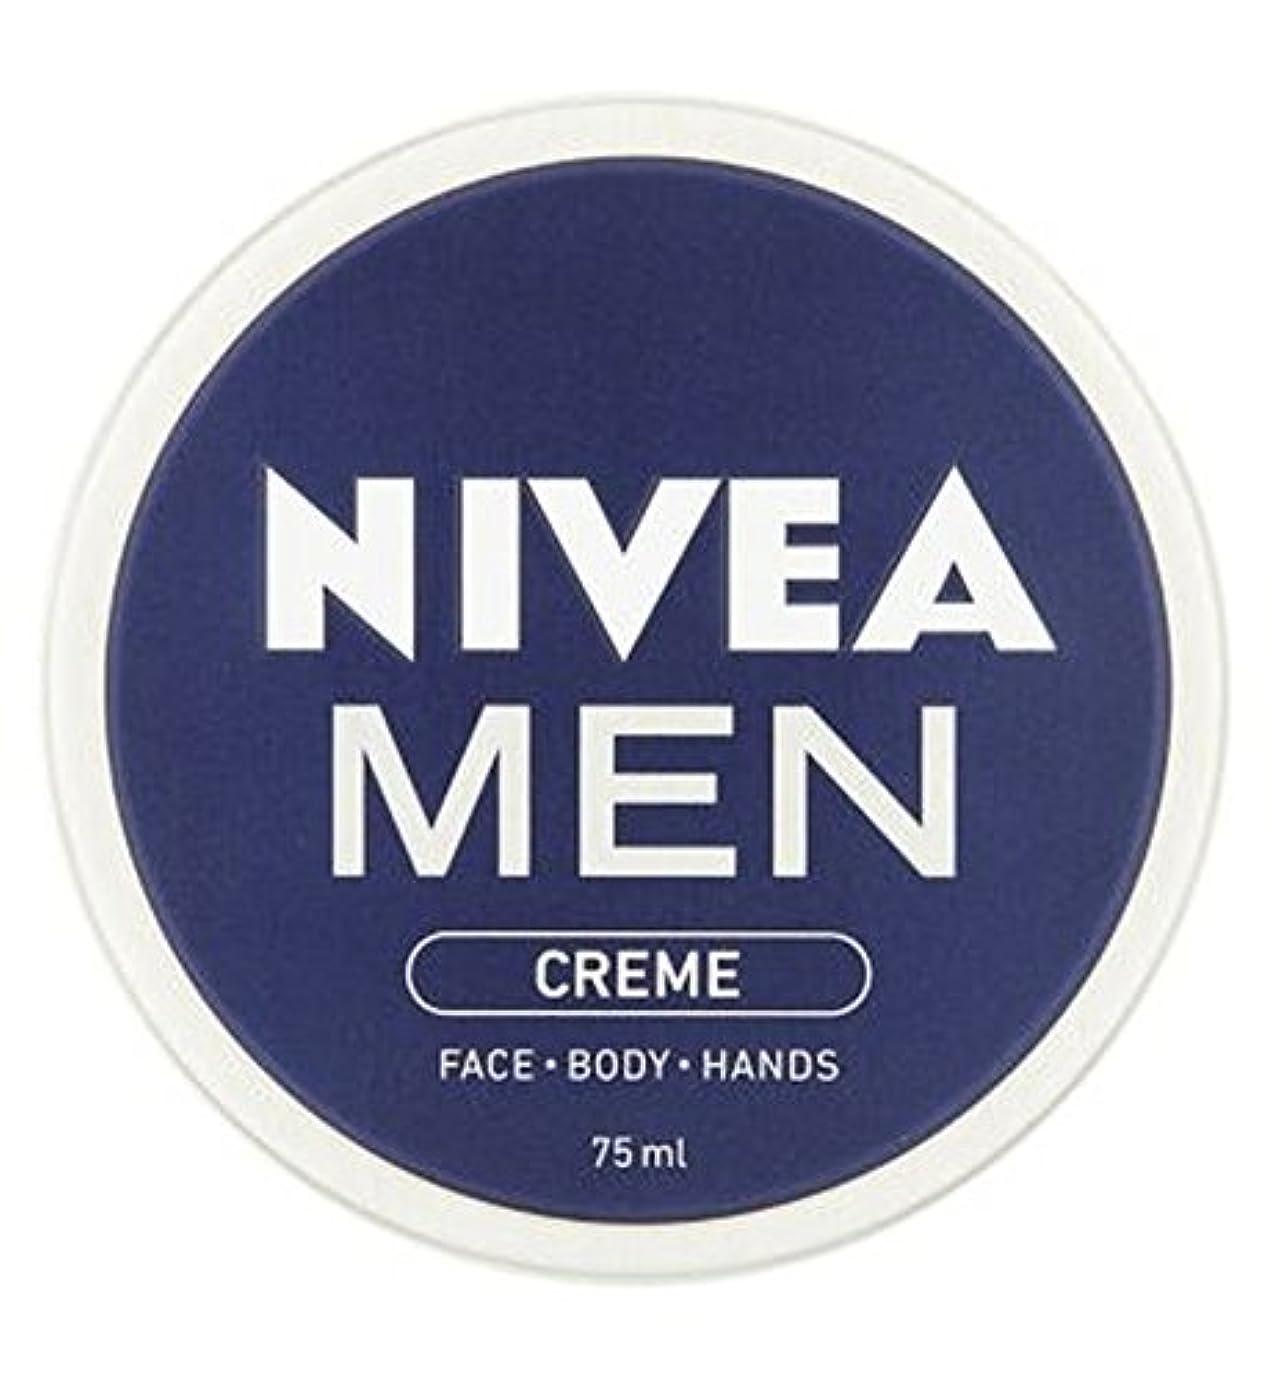 感情のきれいにセッションニベアの男性は75ミリリットルをクリーム (Nivea) (x2) - NIVEA MEN Creme 75ml (Pack of 2) [並行輸入品]